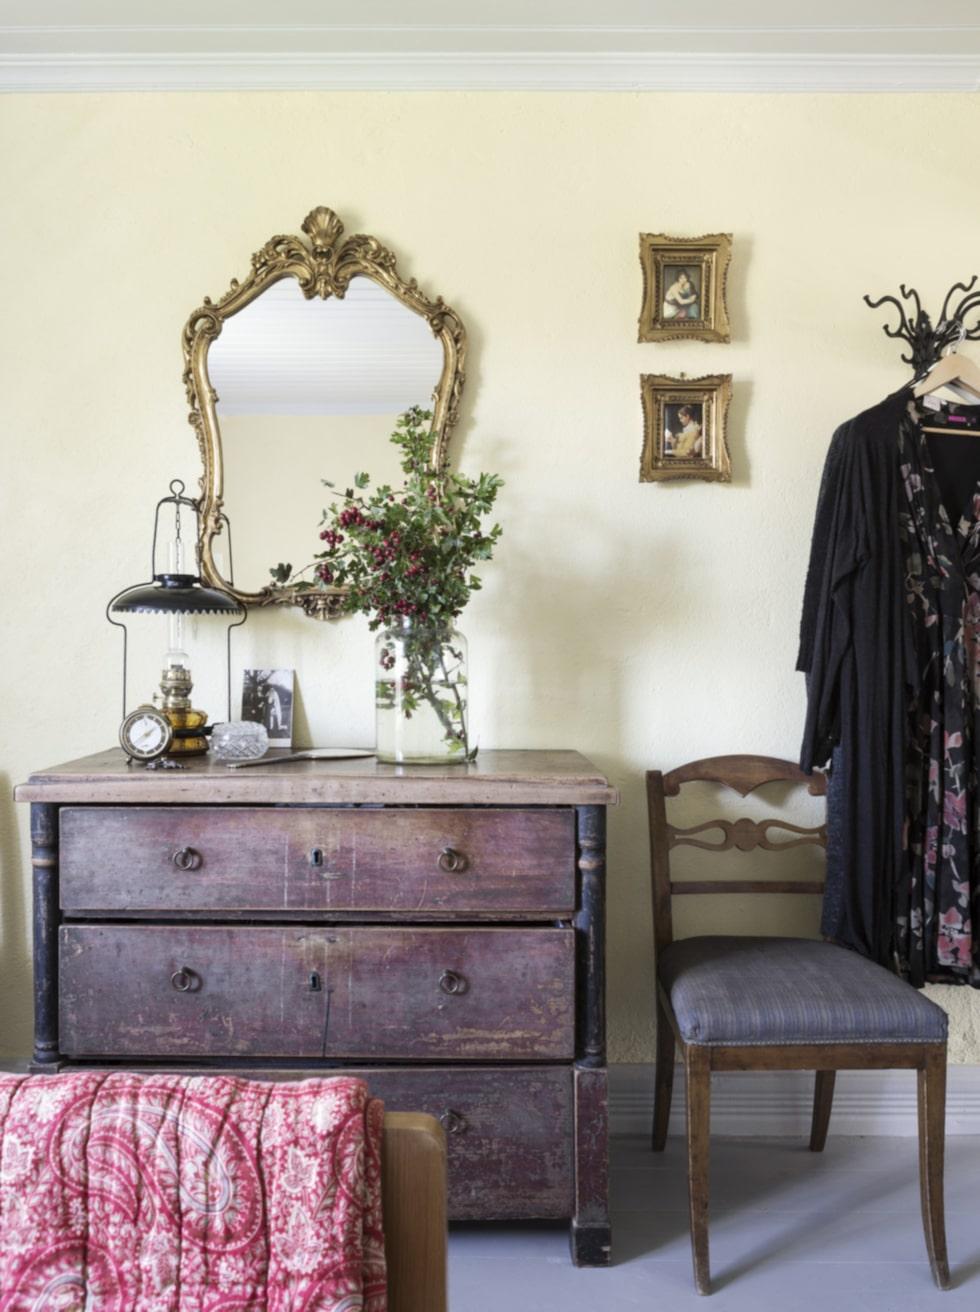 Loppisfynd. I sovrummet fick den gamla byrån och stolarna vara kvar. De lämnades i huset av de förra ägarna. Den vackra spegeln är ett loppisfynd.